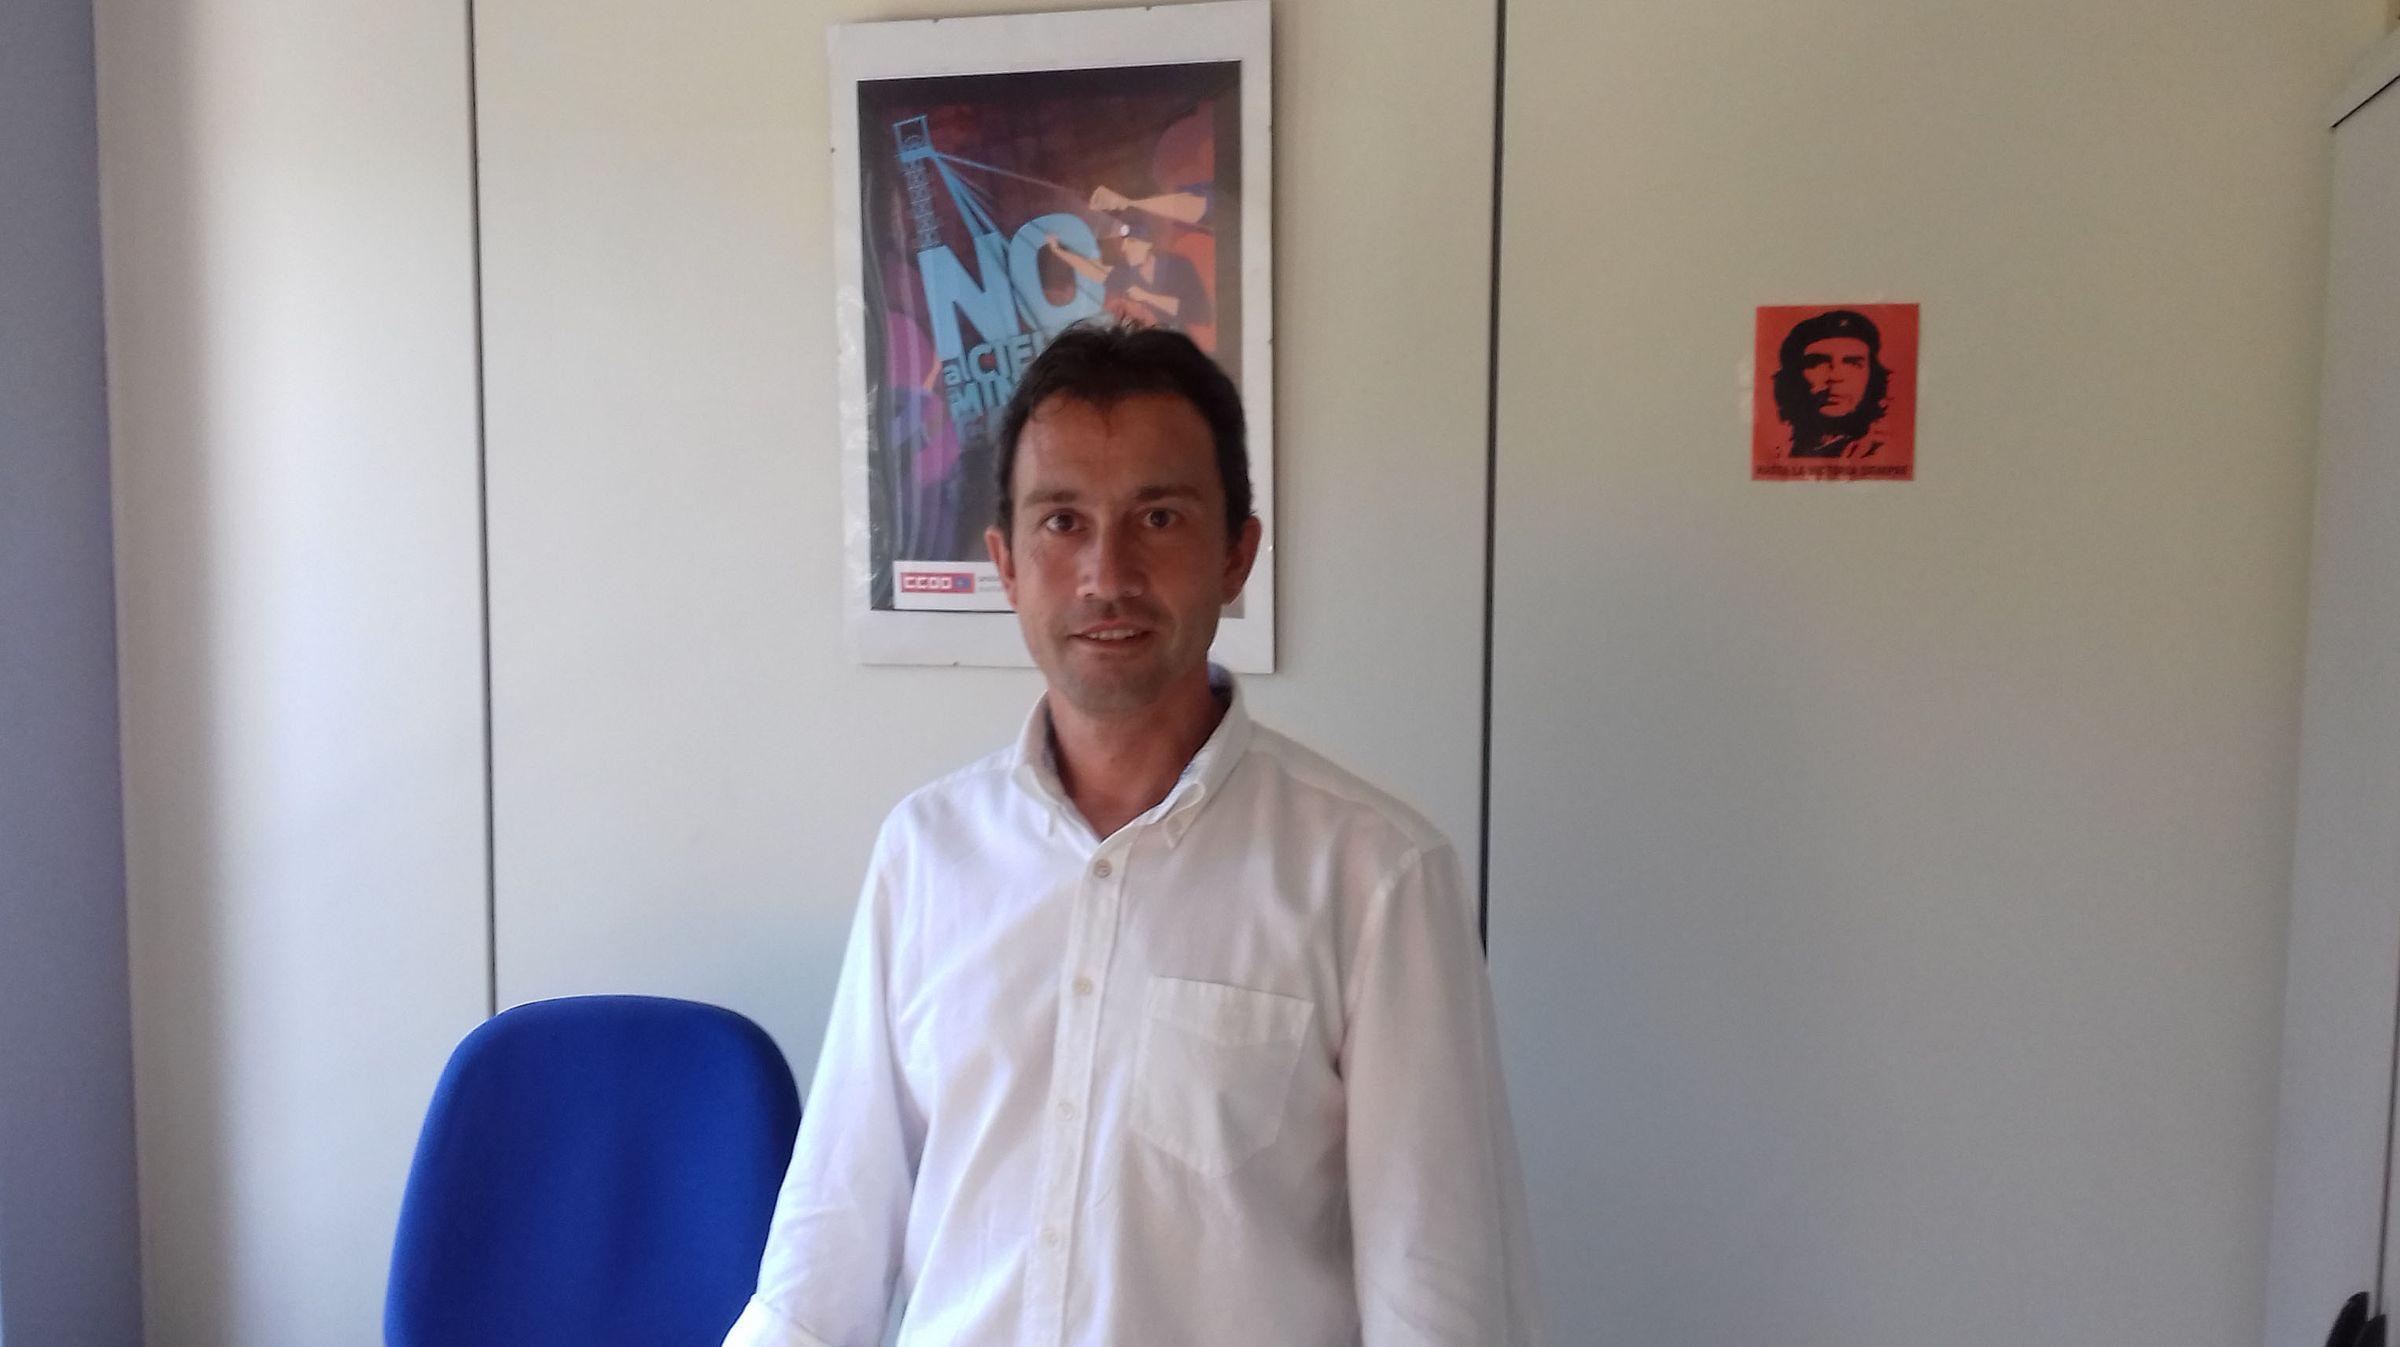 Manuel González Orviz, coordinador general de IU Asturias, Cayo Lara, y el alcalde de Grado, José Luis Trabanco.El diputado de IU Ovidio Zapico en su despacho en la Junta General.